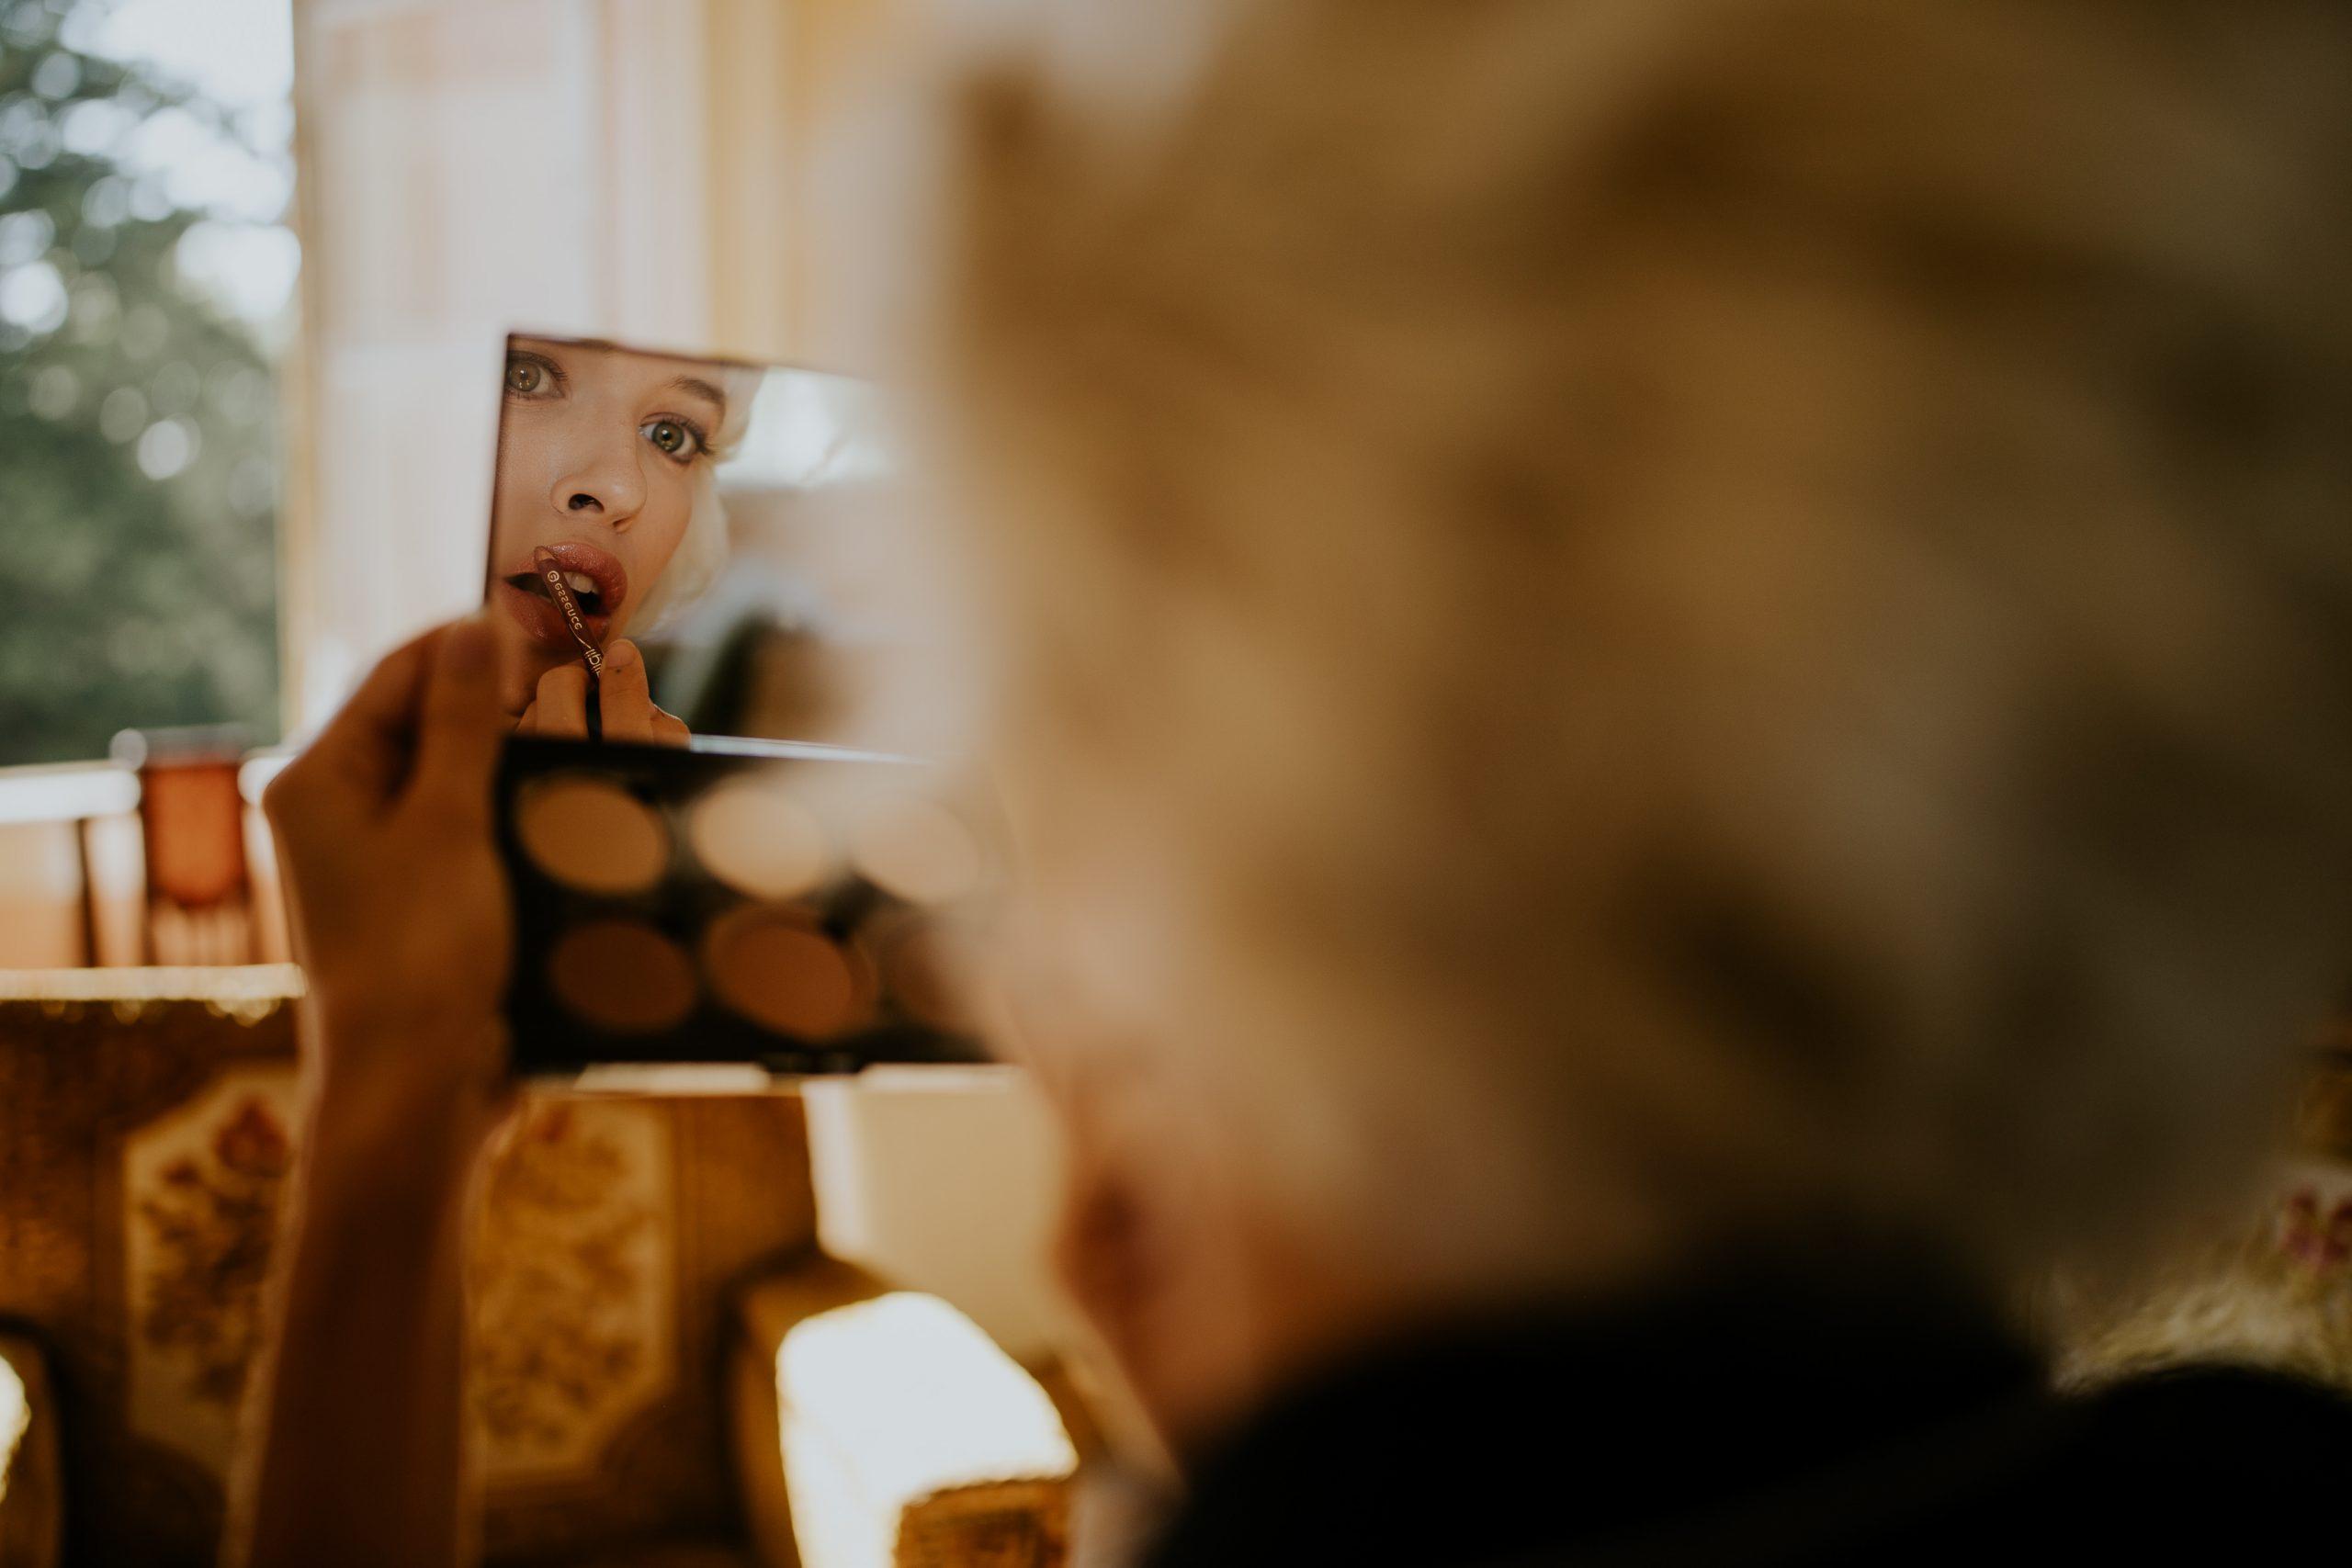 bride preparation mirror reflection